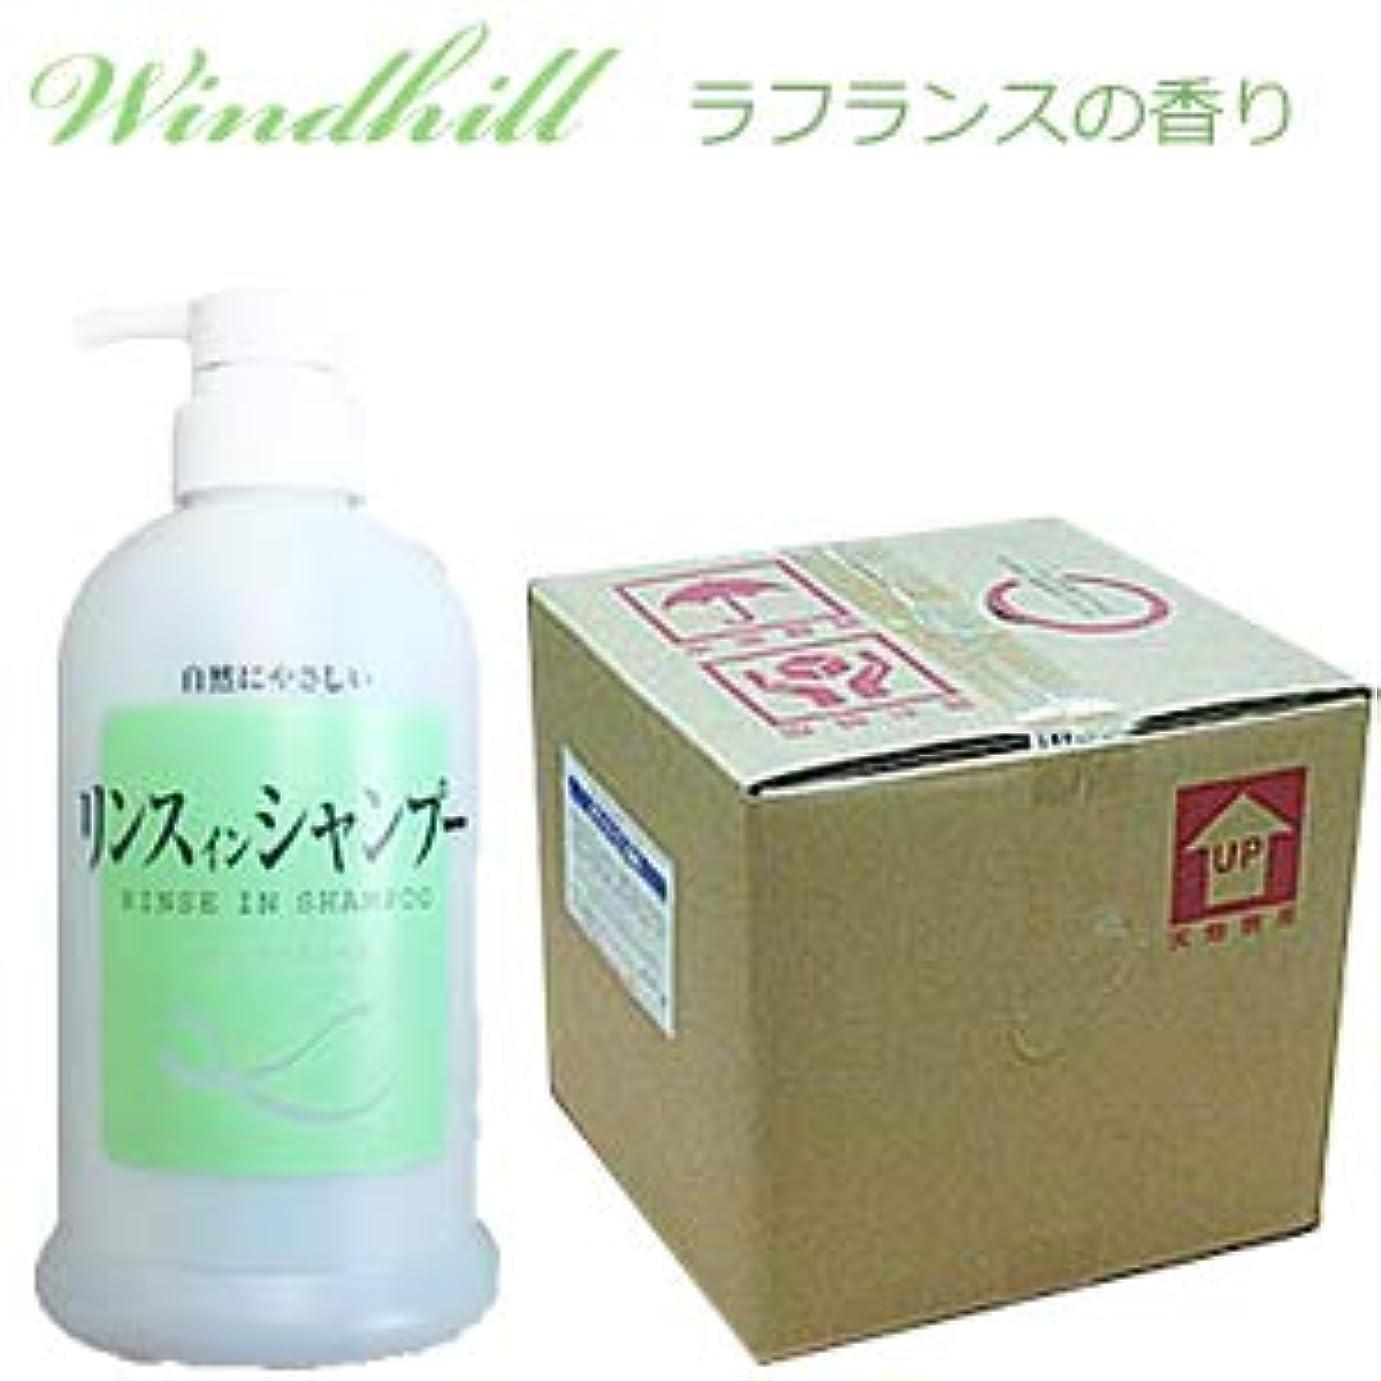 惨めな雄弁家樹木500ml当り173円 Windhill 植物性 業務用 リンスイン シャンプー 爽やかなラフランスの香り 20L